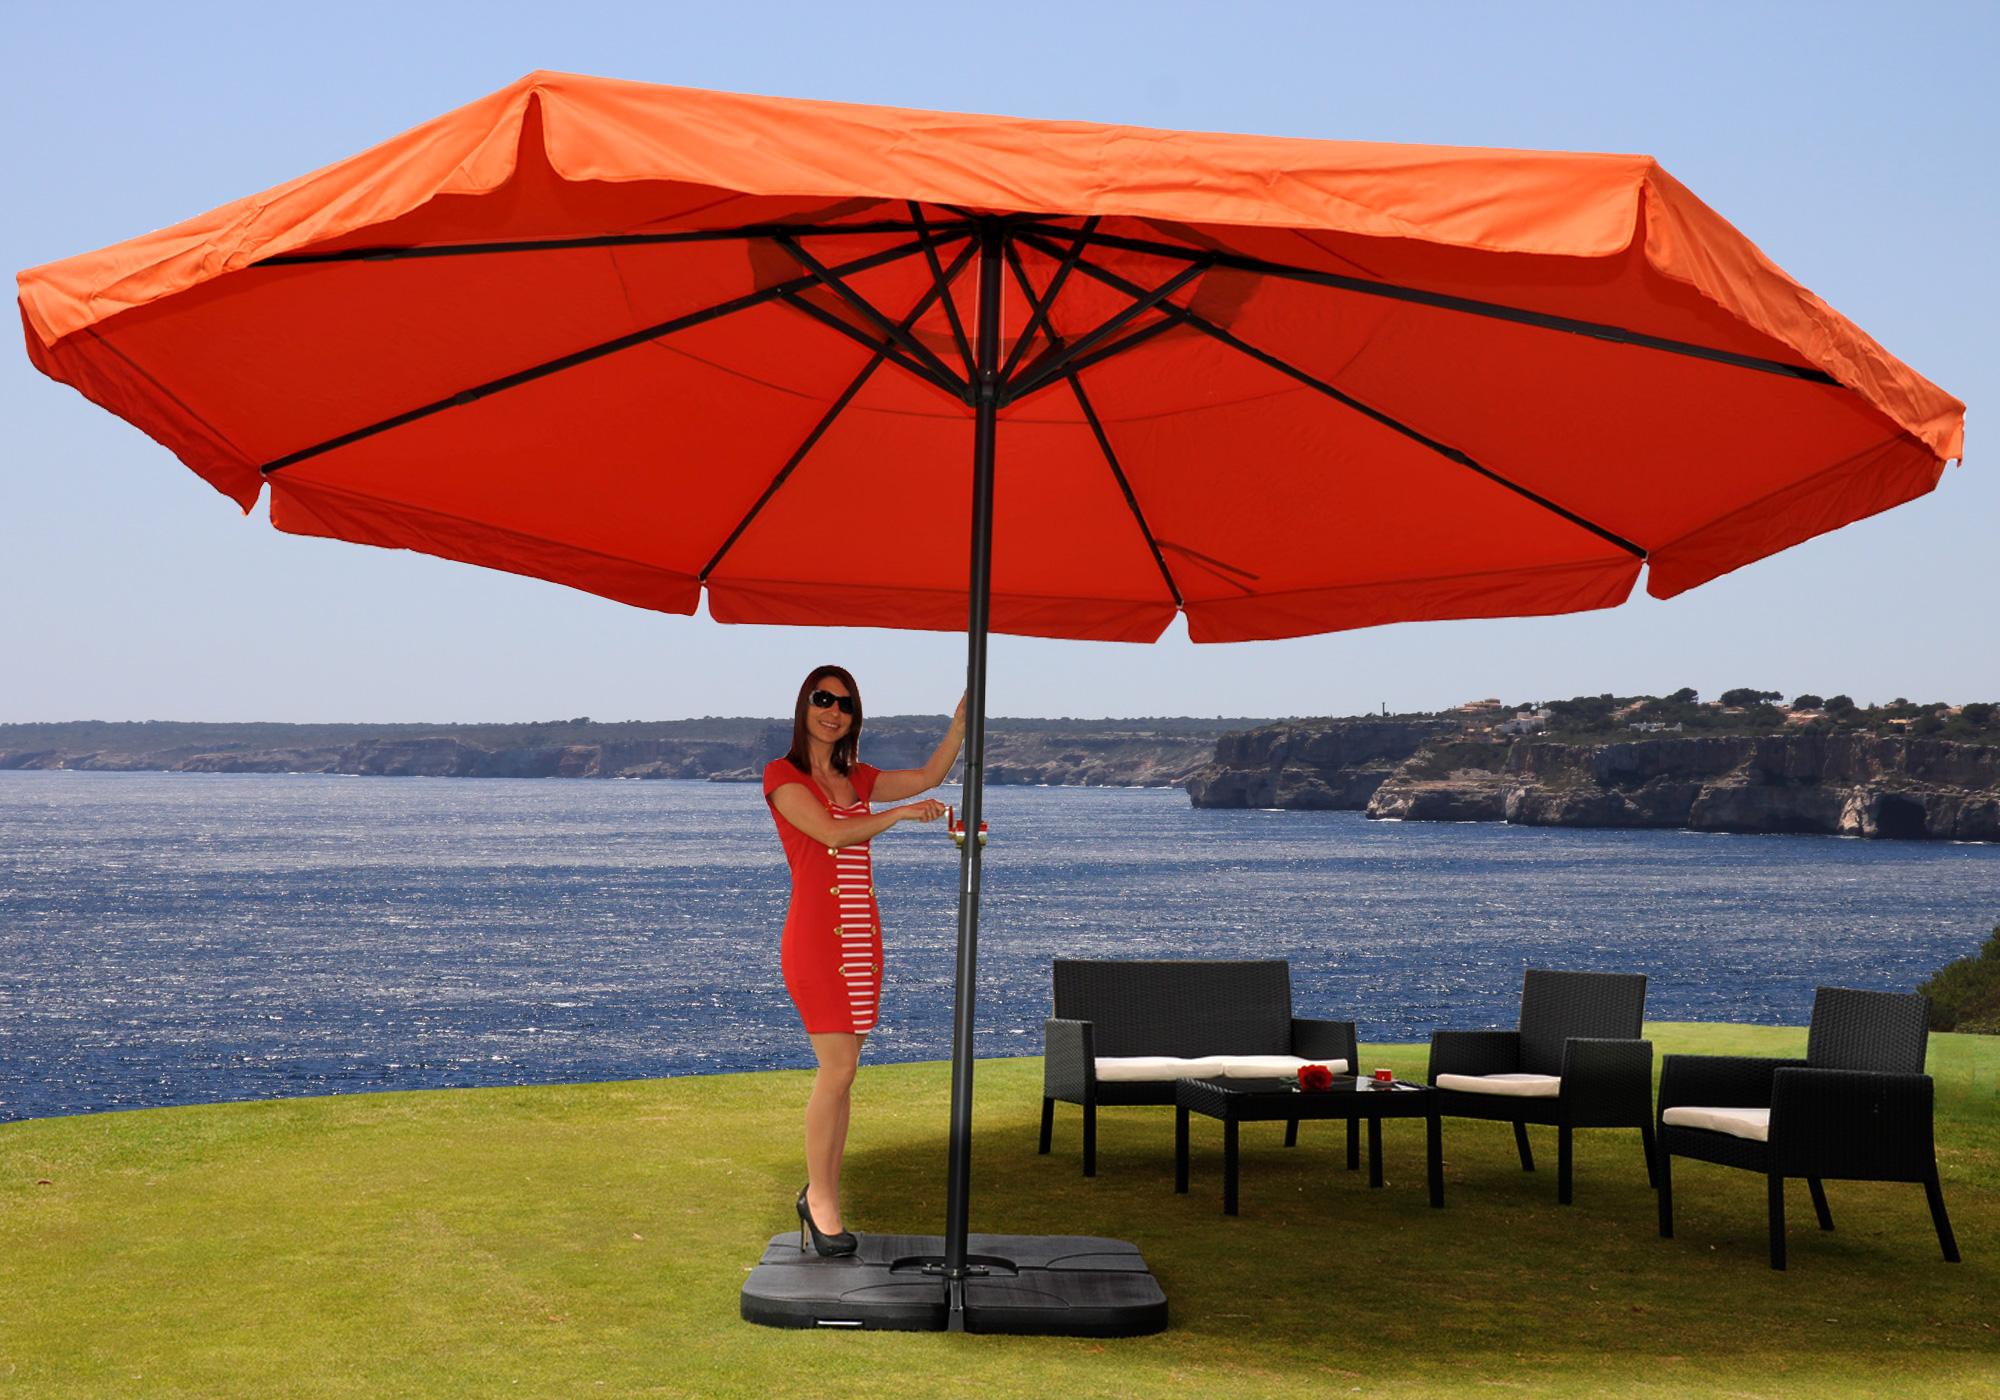 alu sonnenschirm meran gastronomie marktschirm mit volant. Black Bedroom Furniture Sets. Home Design Ideas